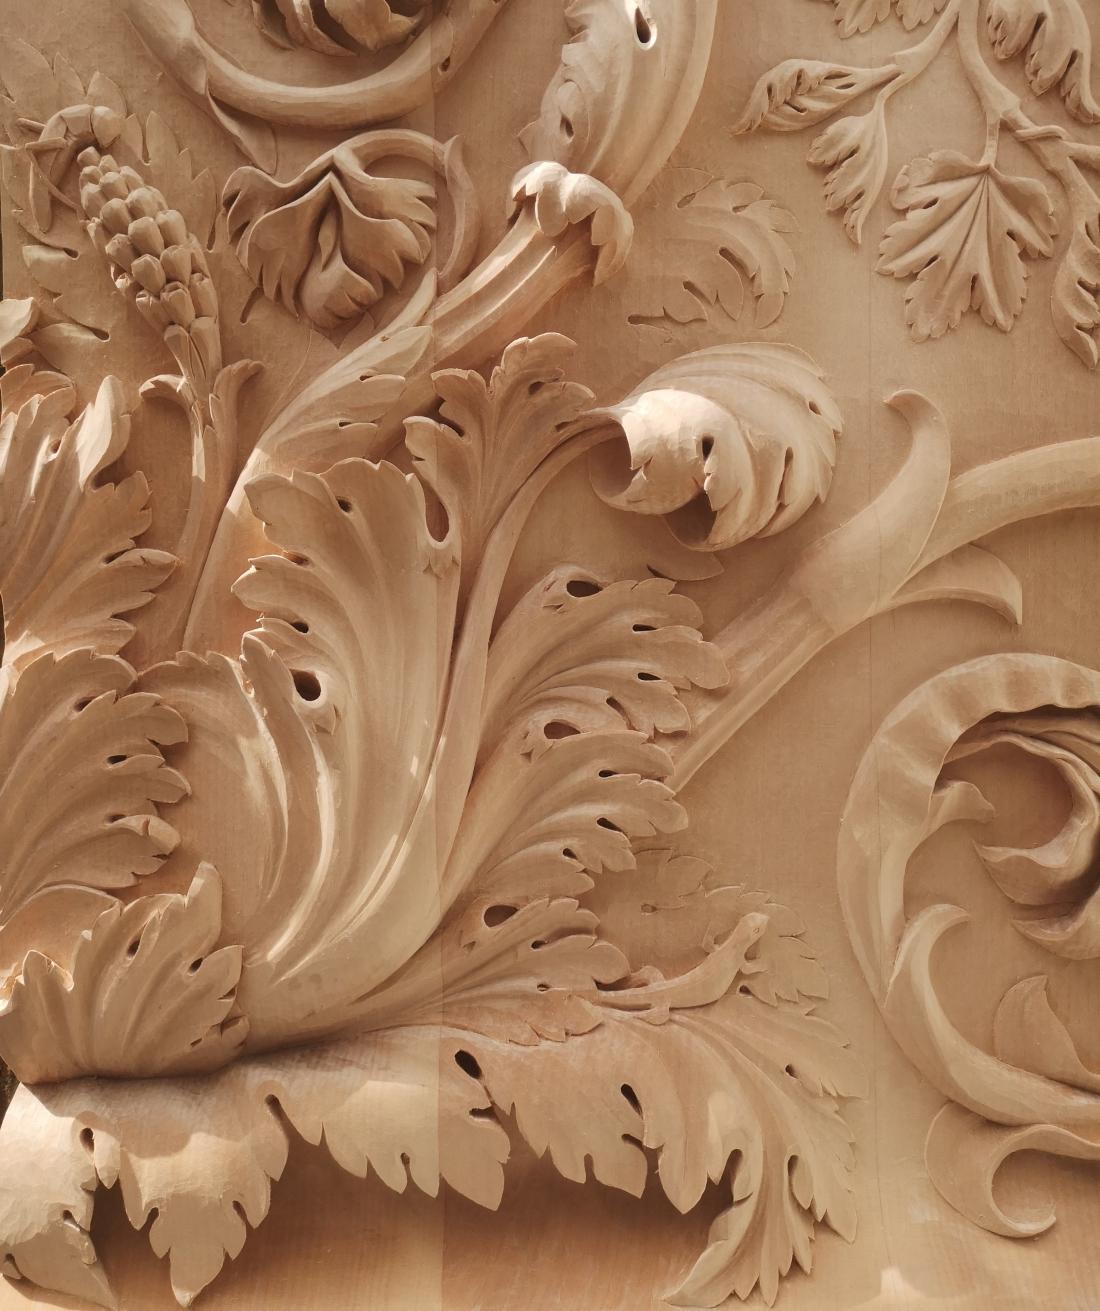 Future Icons - Zeinab Harding Wood Carving